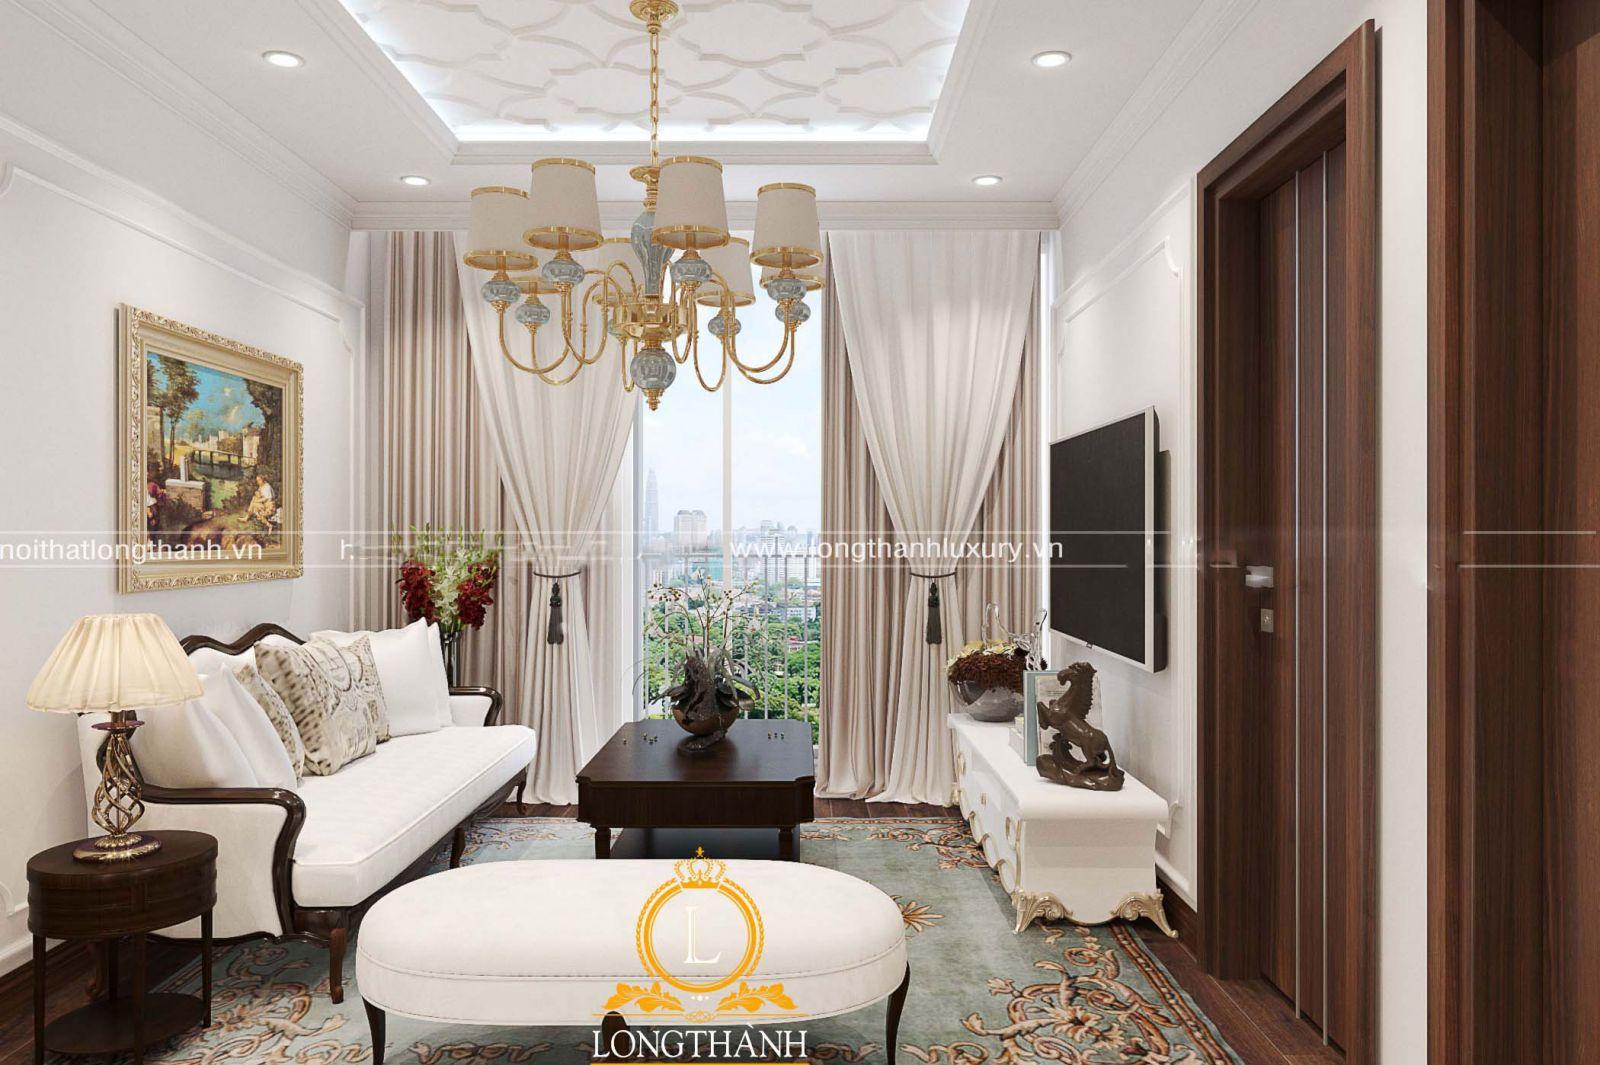 Thảm trải sàn tân cổ điển cũng được chủ nhân lựa chọn cho không gian phòng khách có diện tích nhỏ